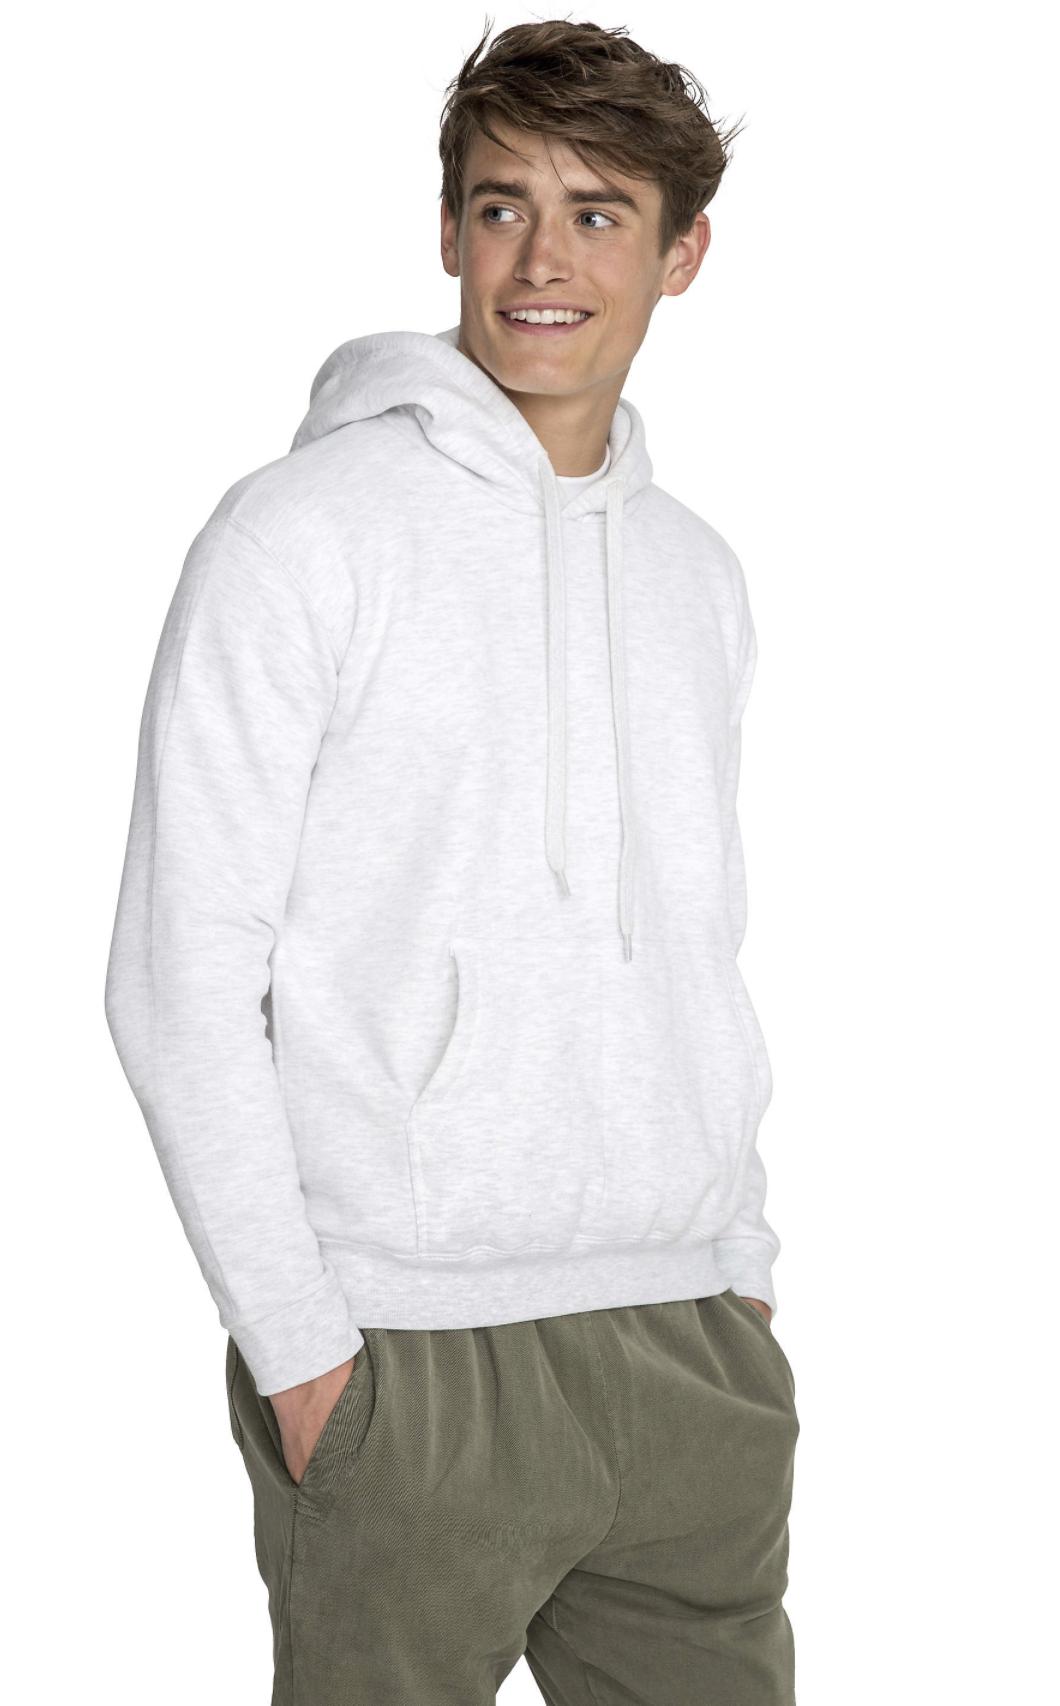 47101 Snake Sweater Sols PAS Antwerpen Textieldrukkerij Hoodies